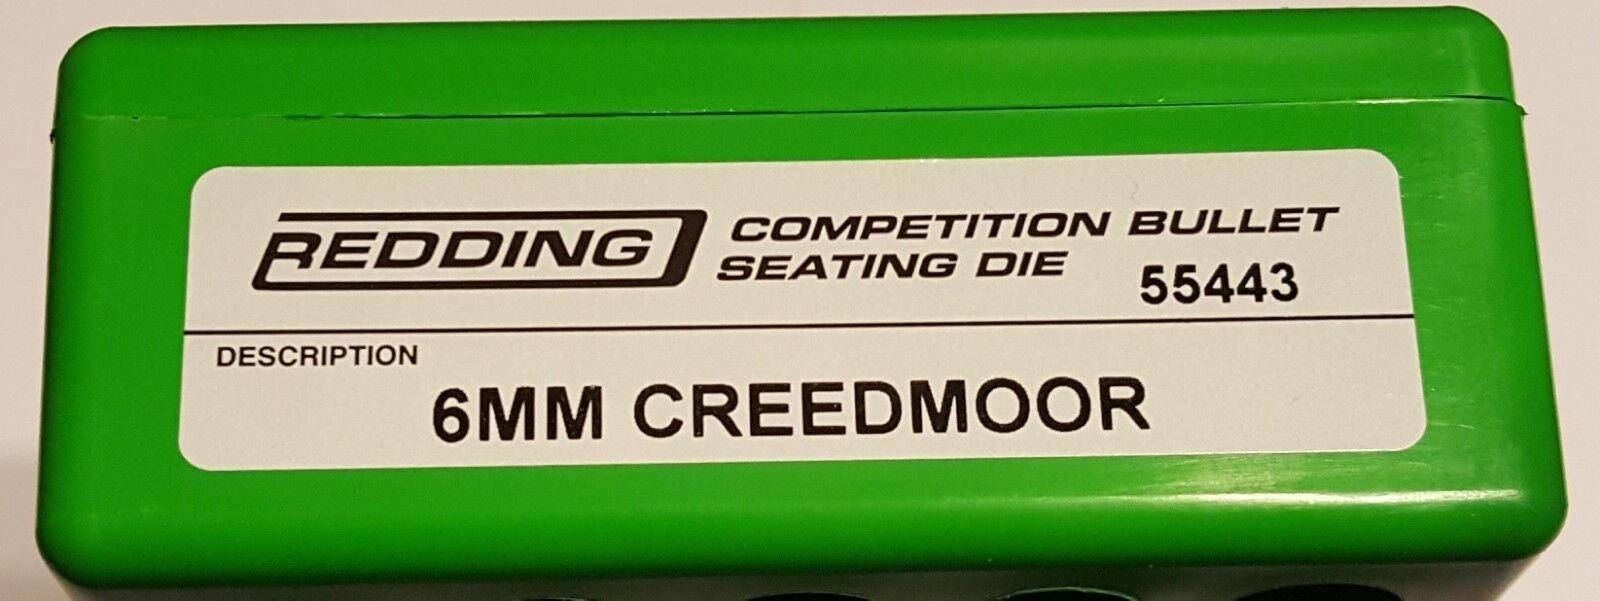 55443 rojoDING competencia asientos Die - 6MM Creedmoor-Nuevo-Envío Gratis